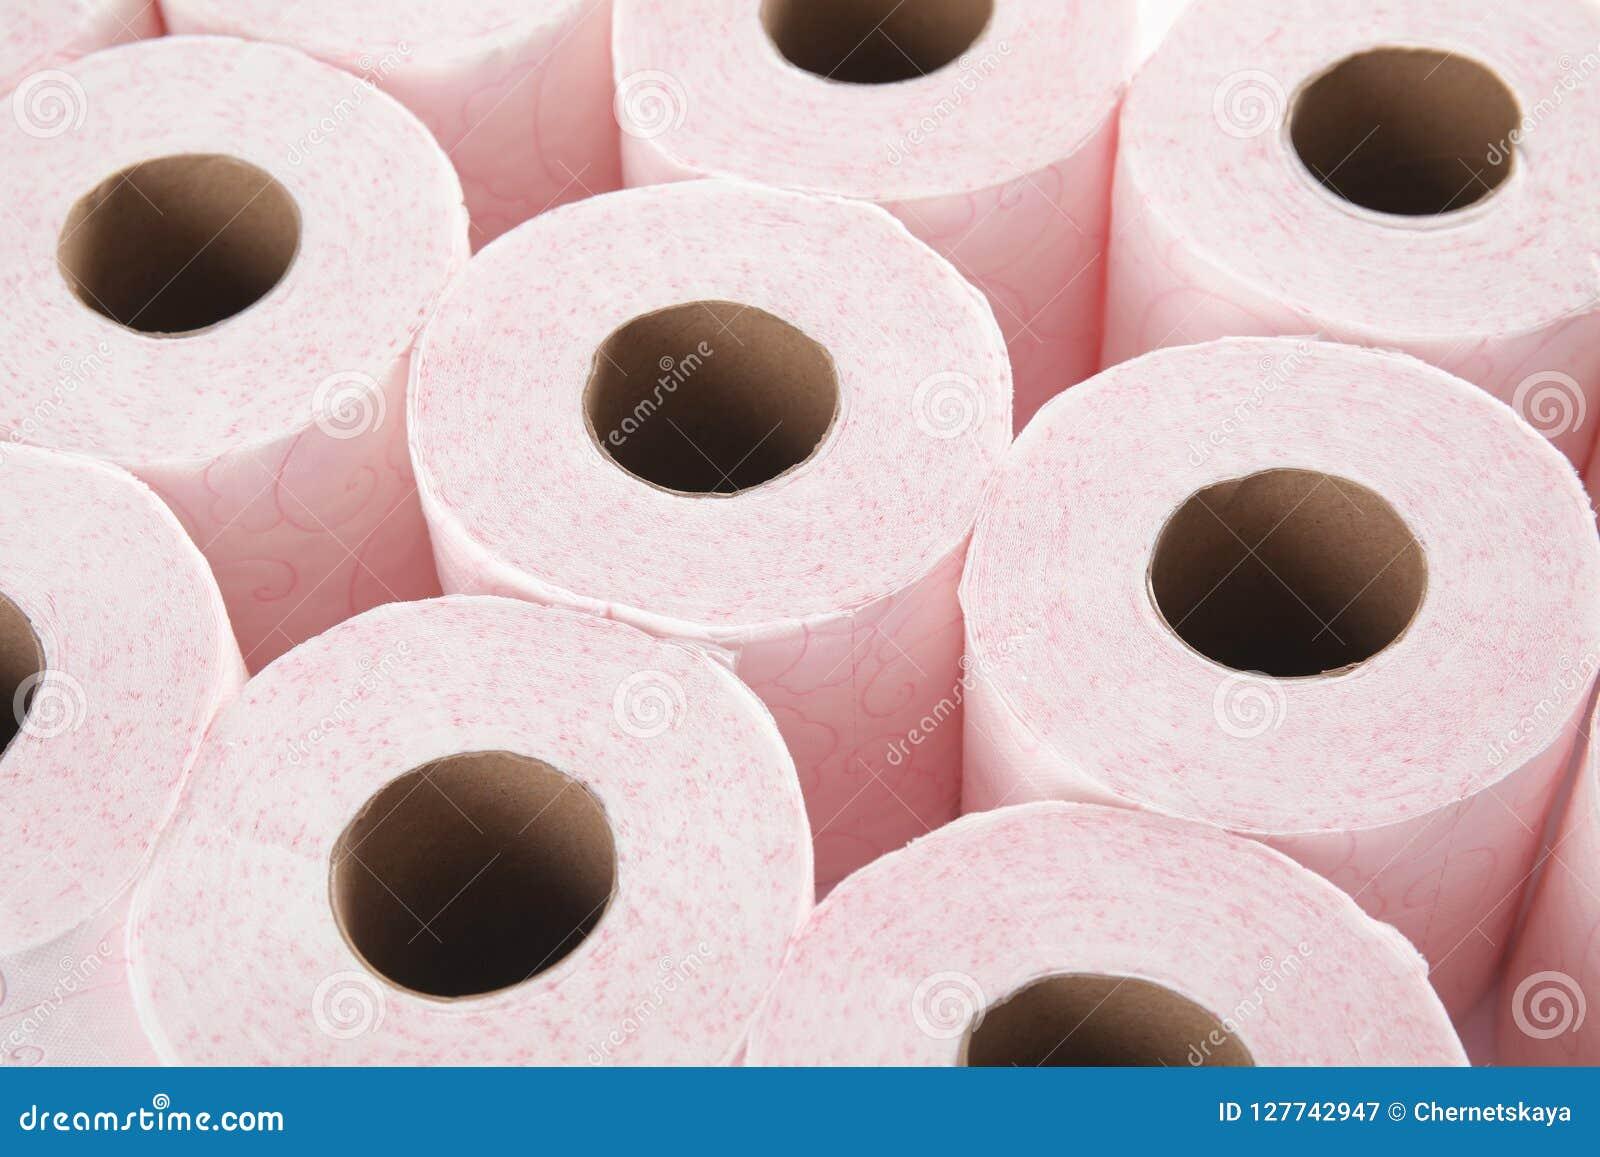 Wiele rolki papier toaletowy